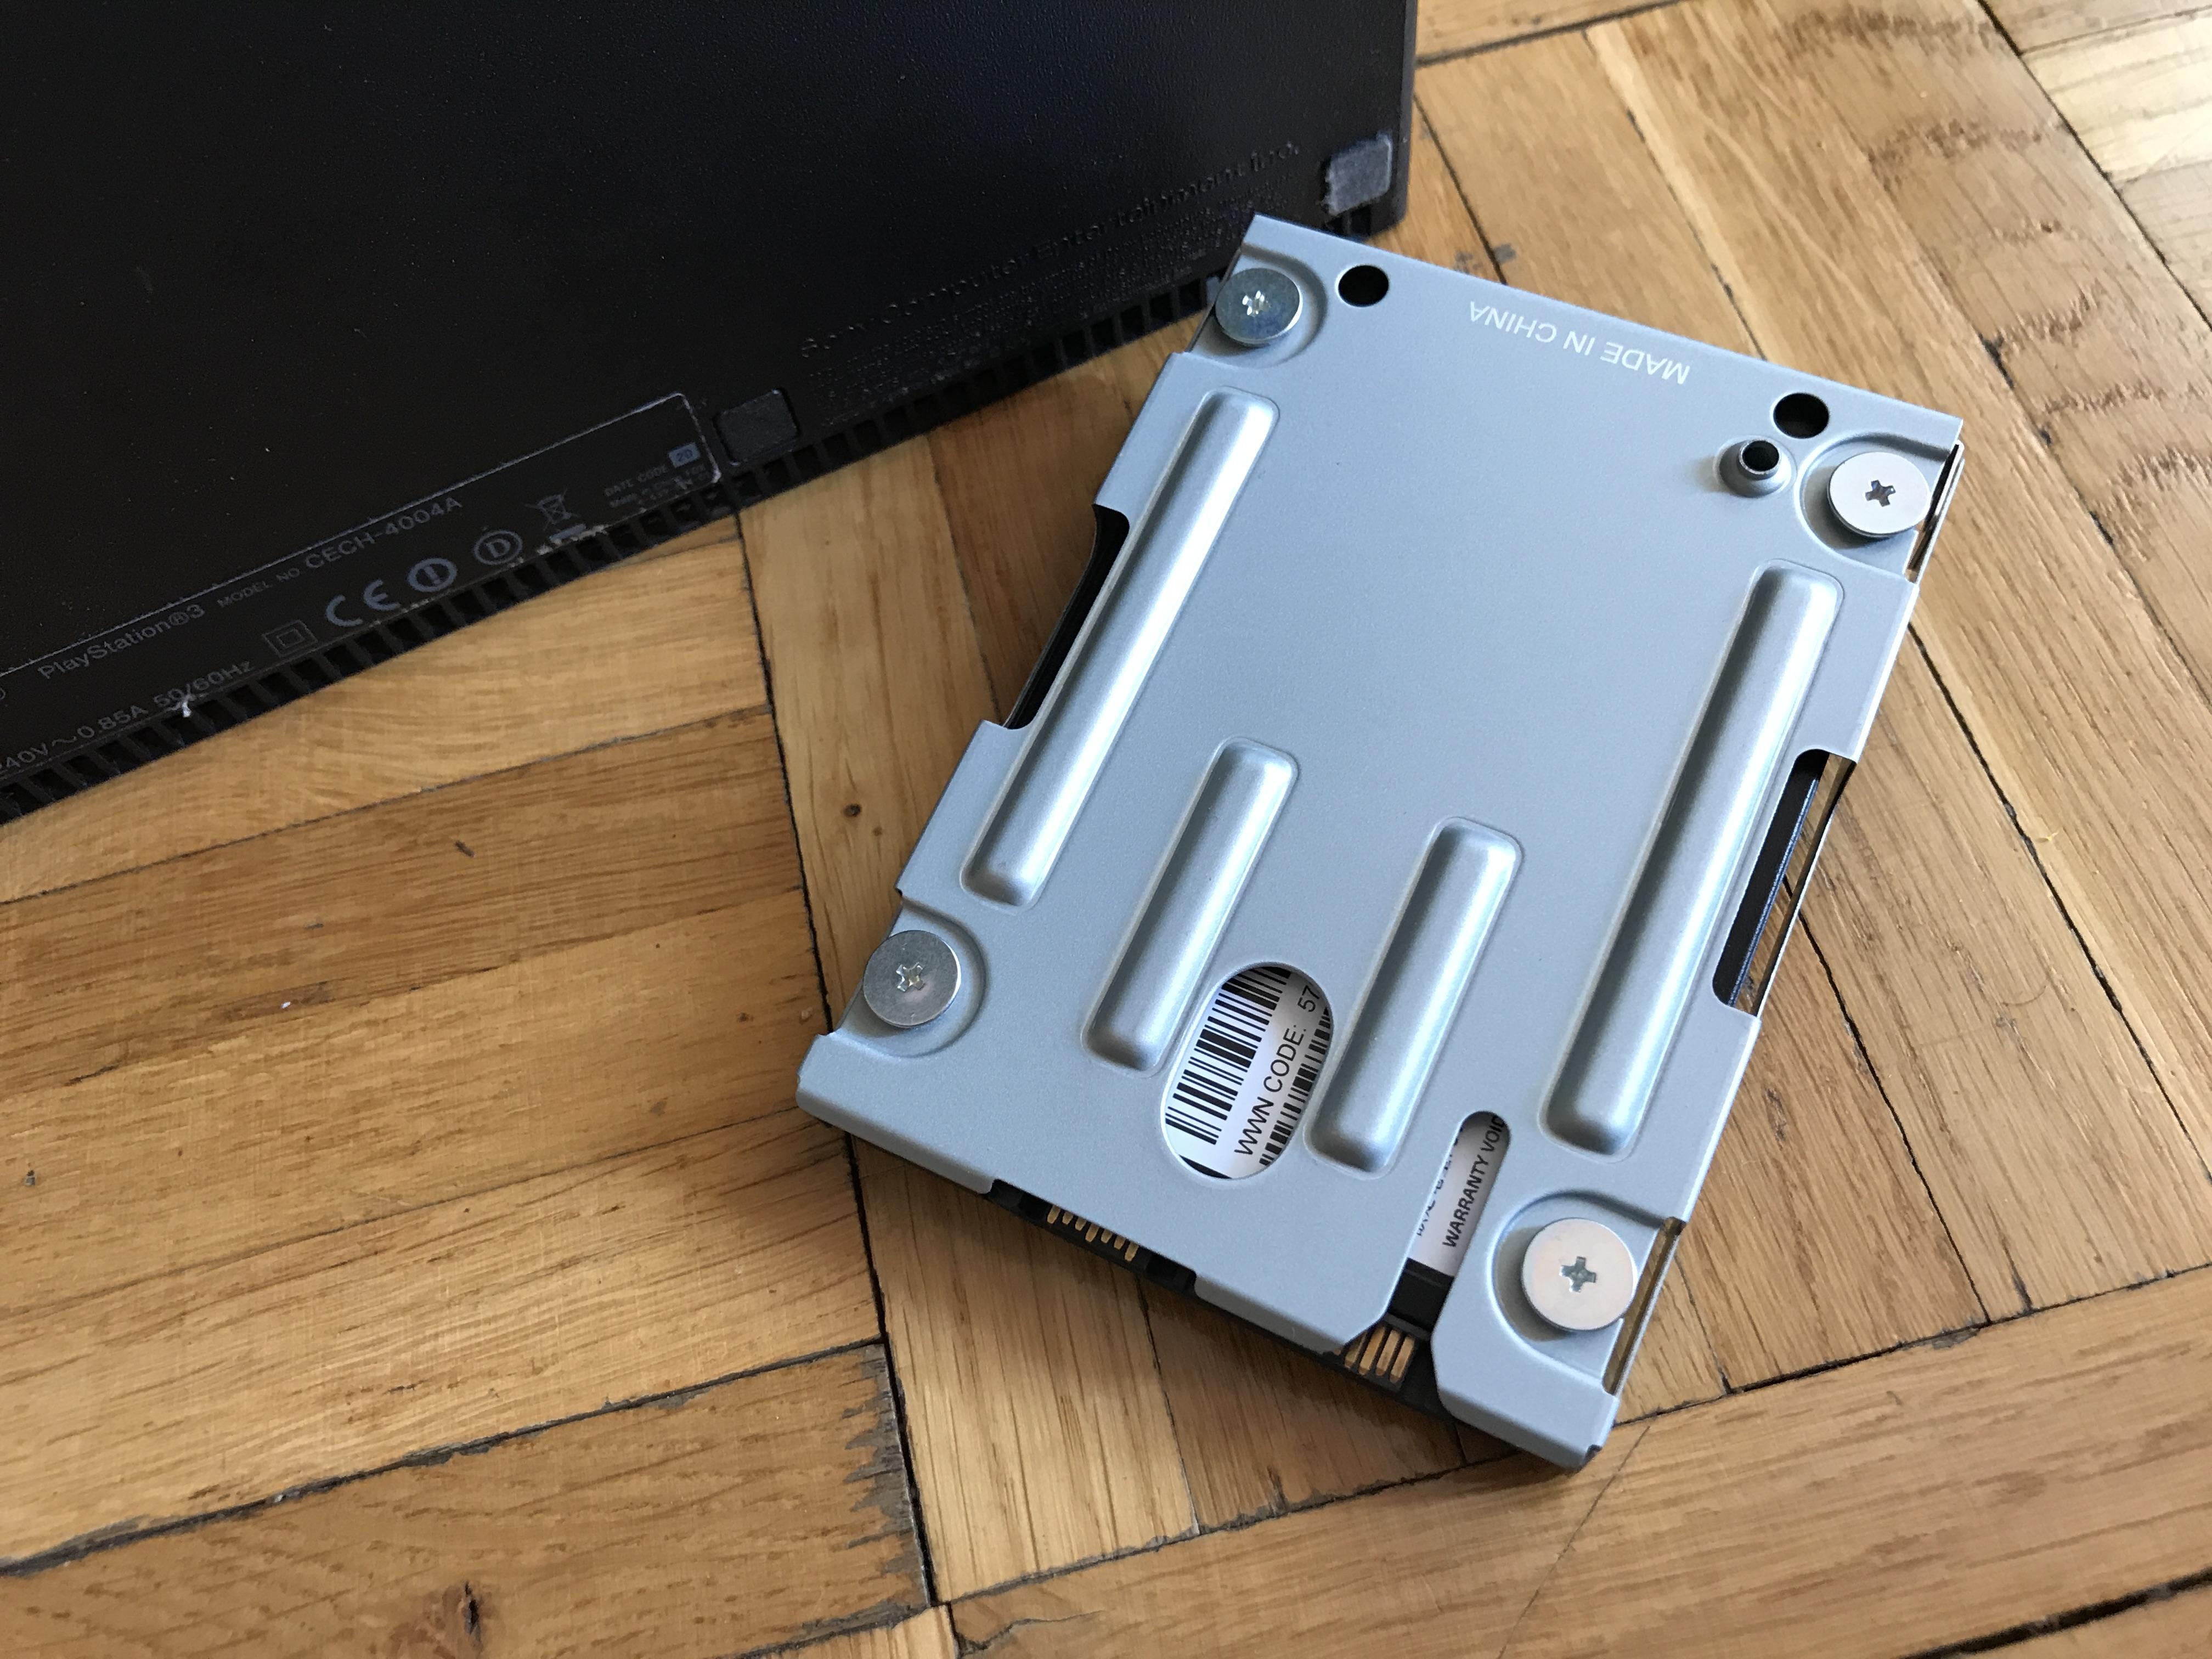 Dysk twardy włożony do kieszeni gotowy do montażu w konsoli Playstation 3 oraz Playstation 4